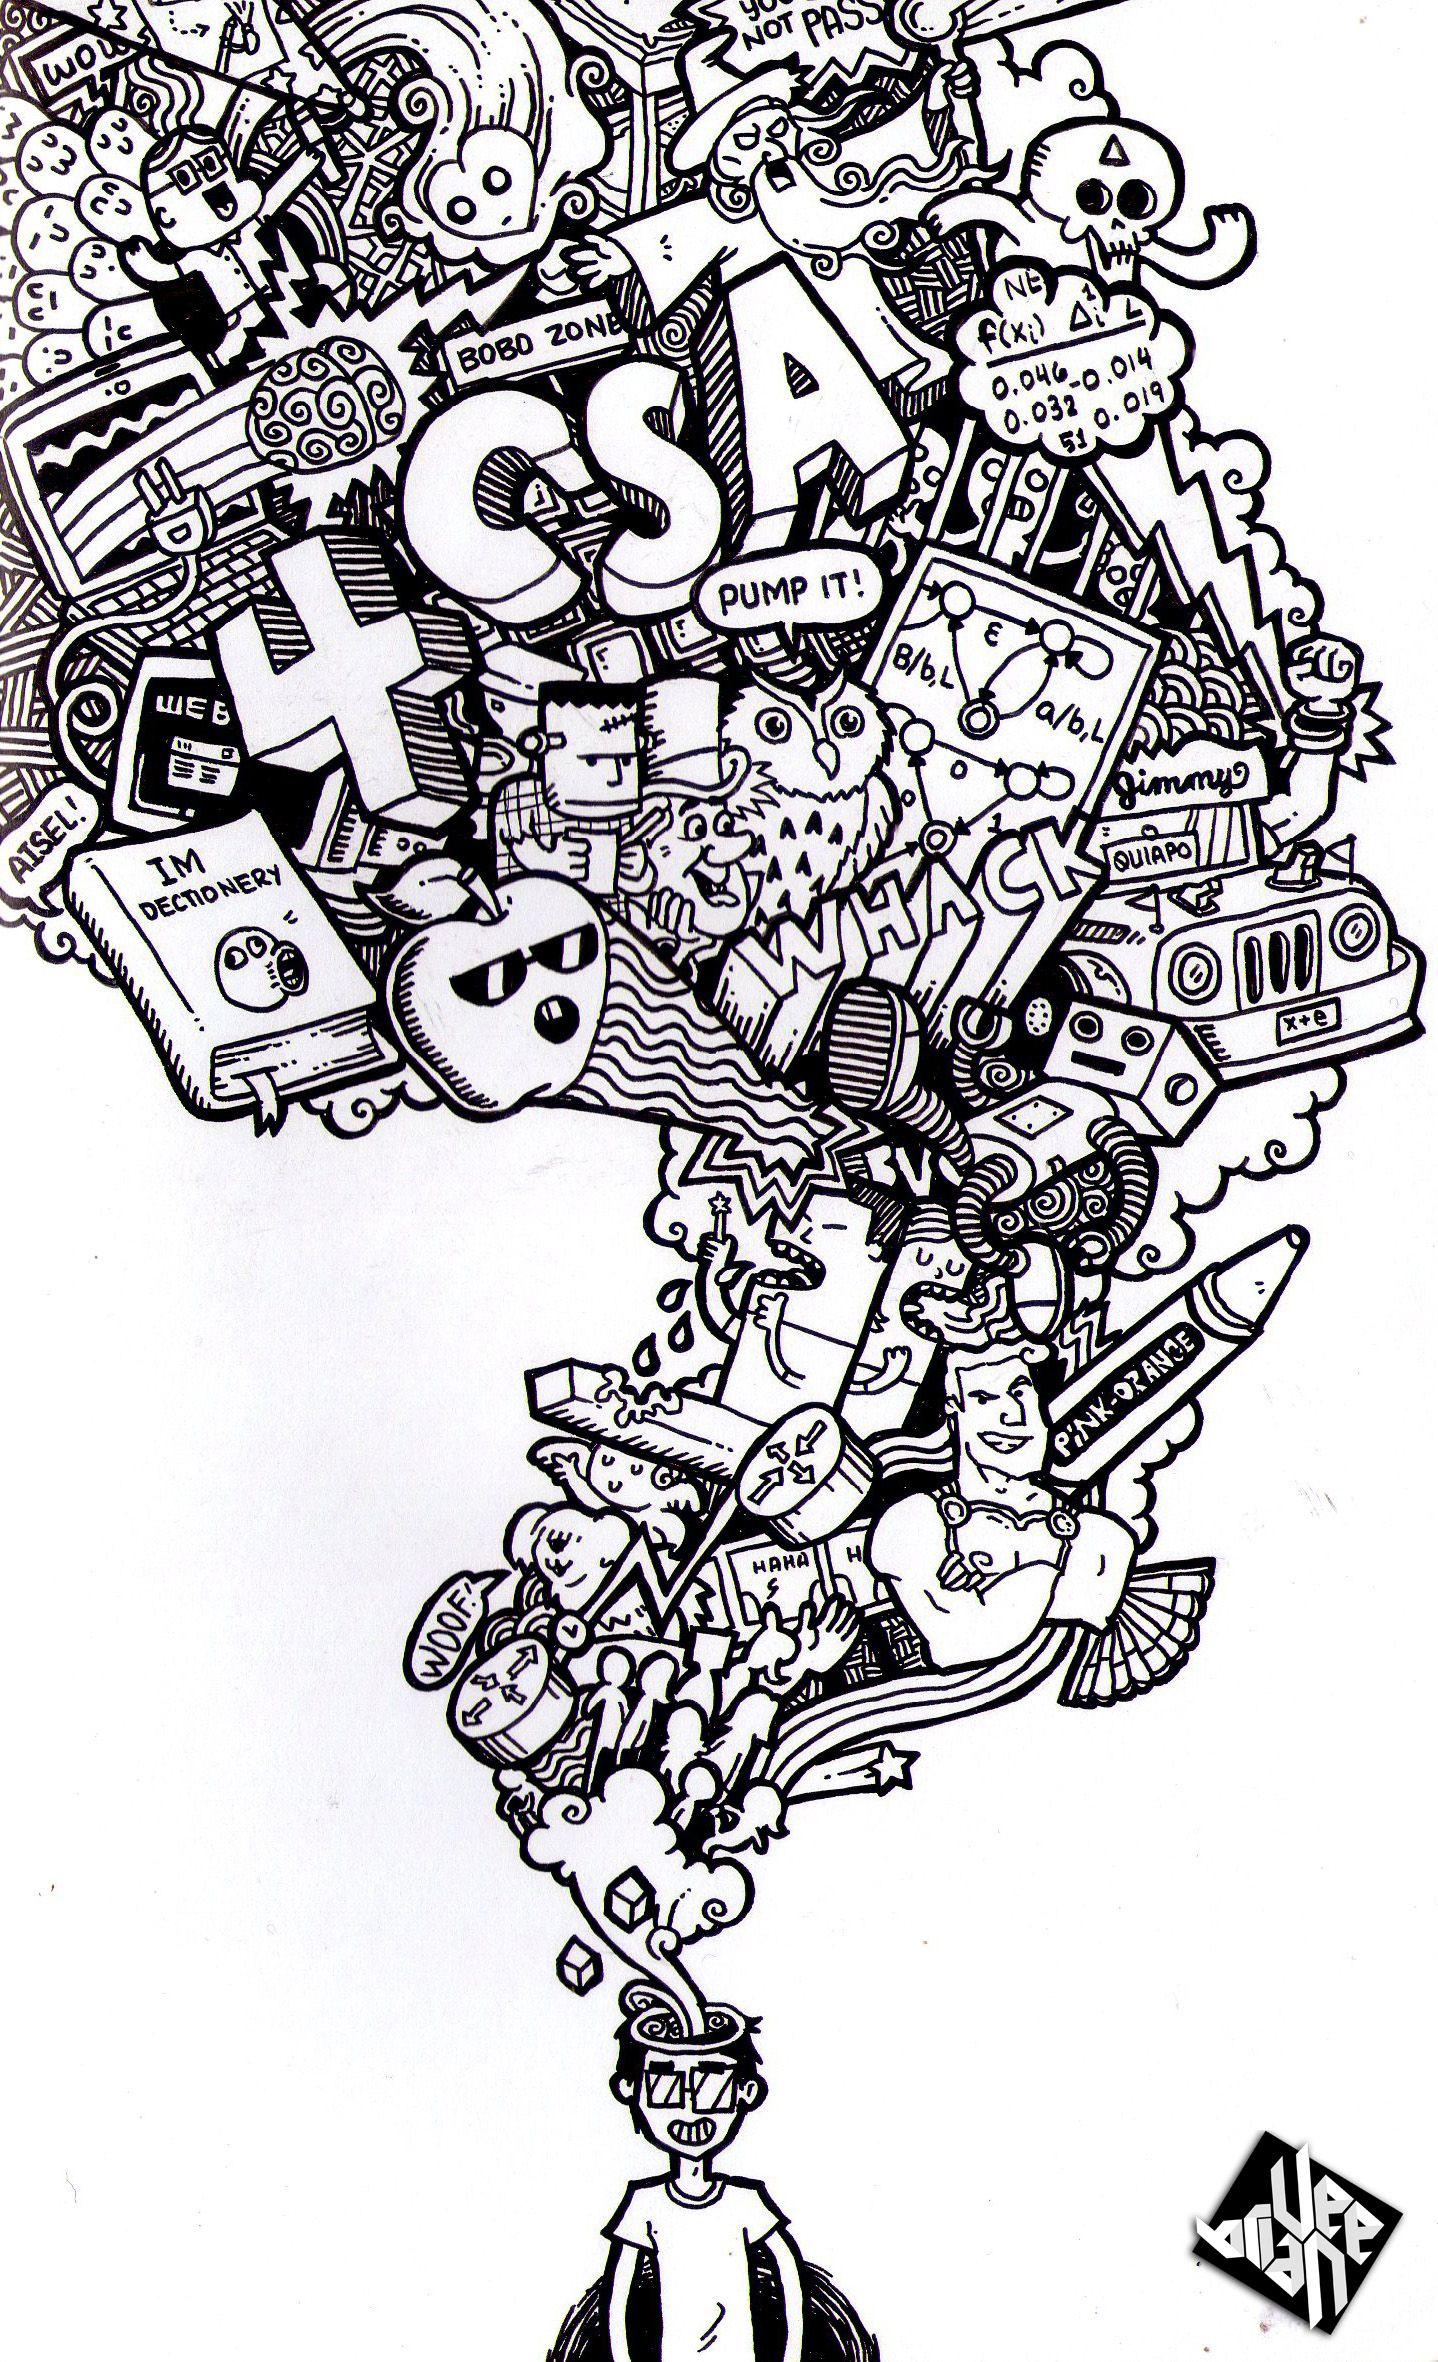 """Résultat de recherche d'images pour """"programming doodles"""